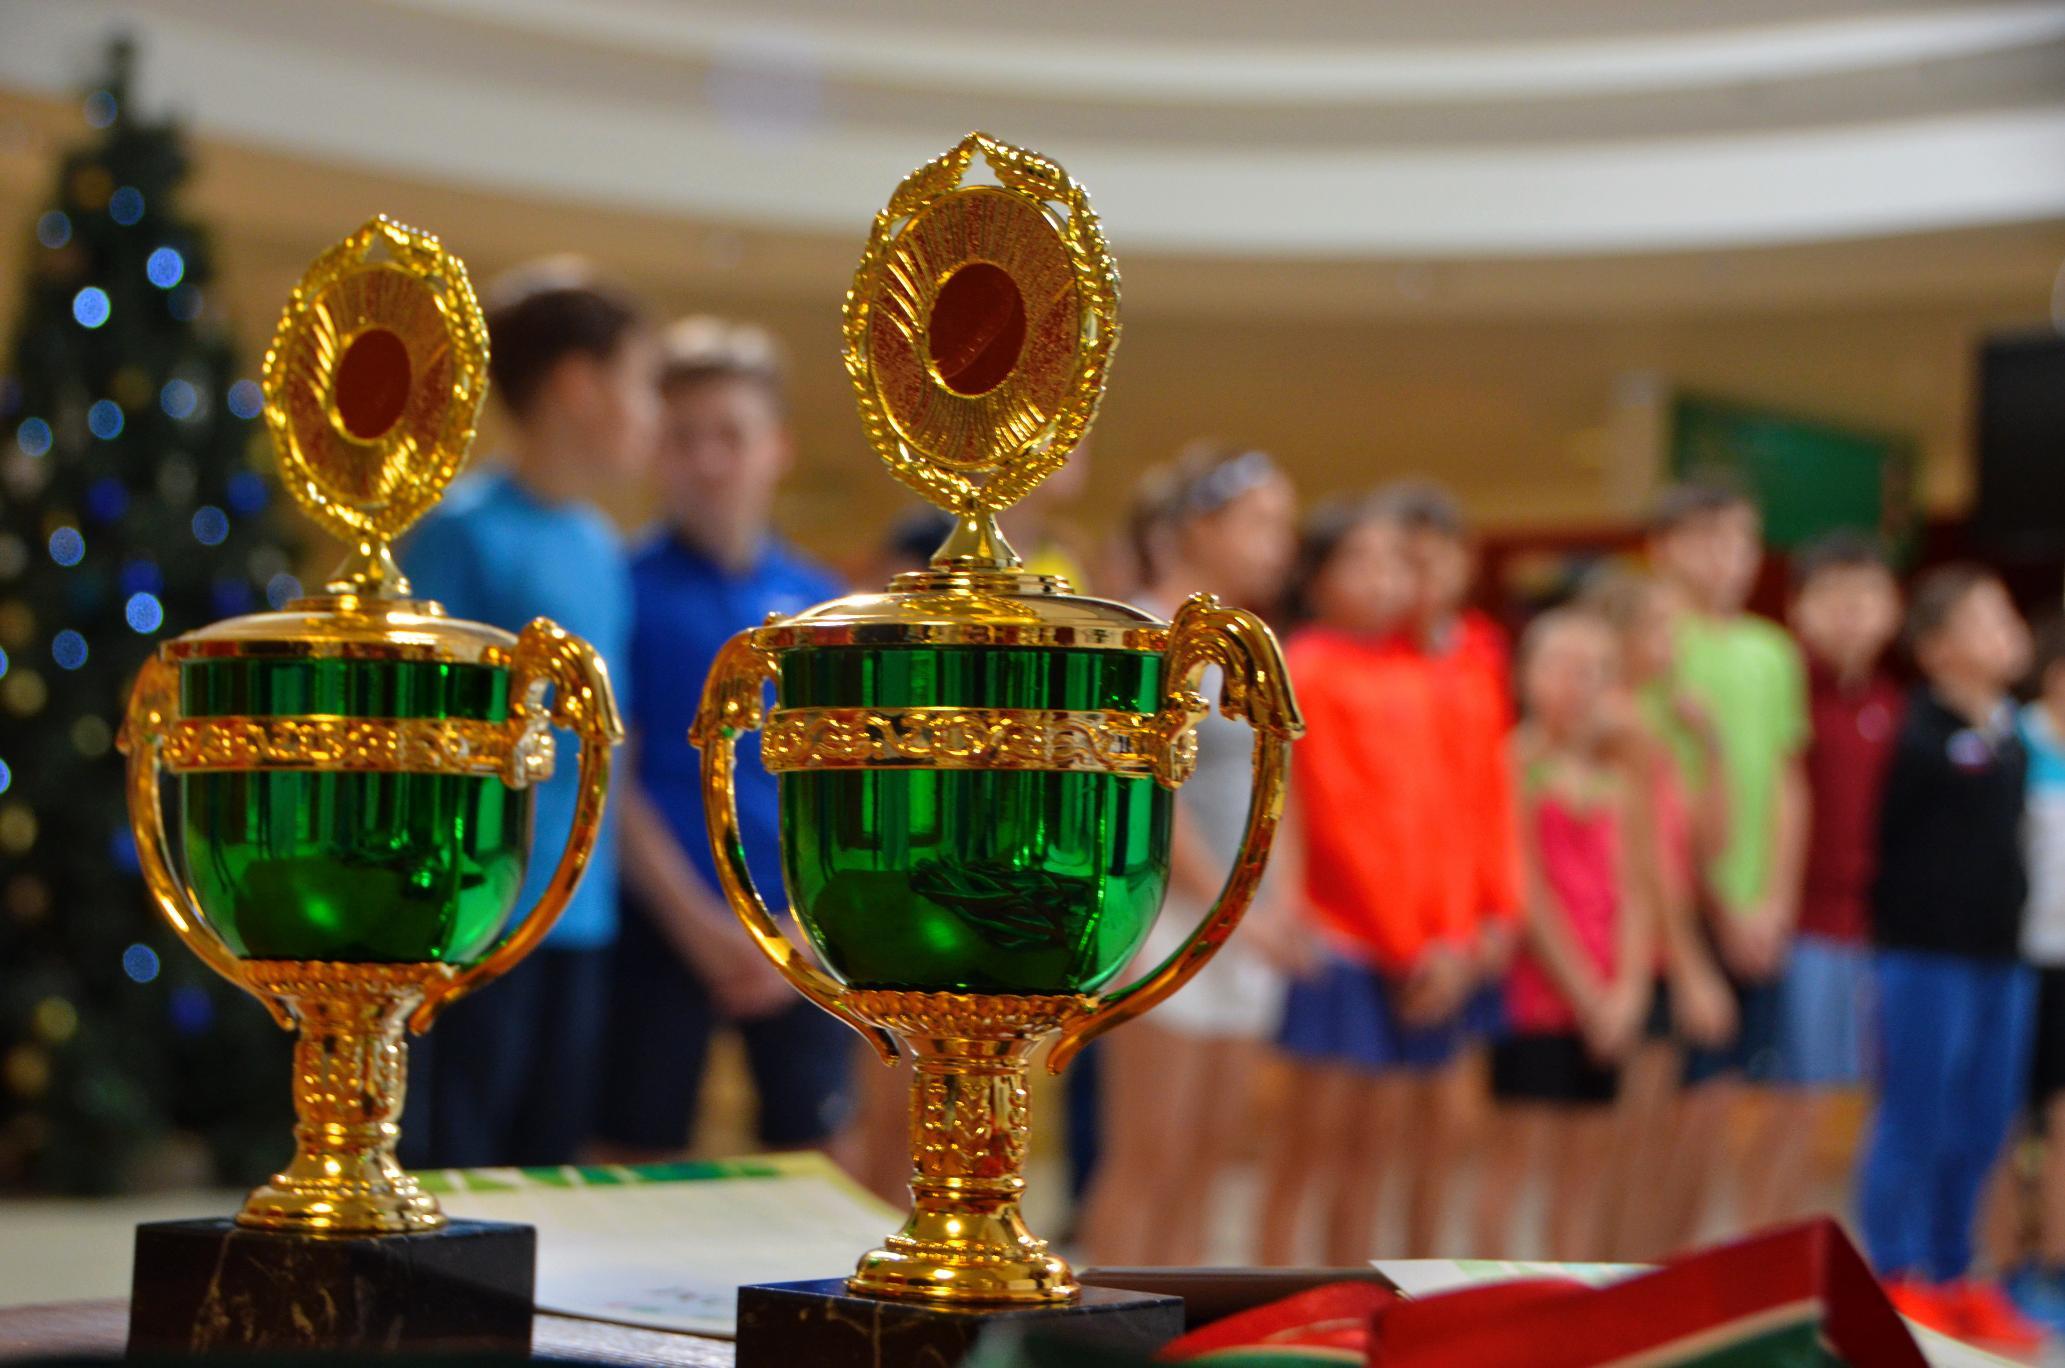 Итоги Первенства РТ по теннису, завершившего теннисный сезон в республике